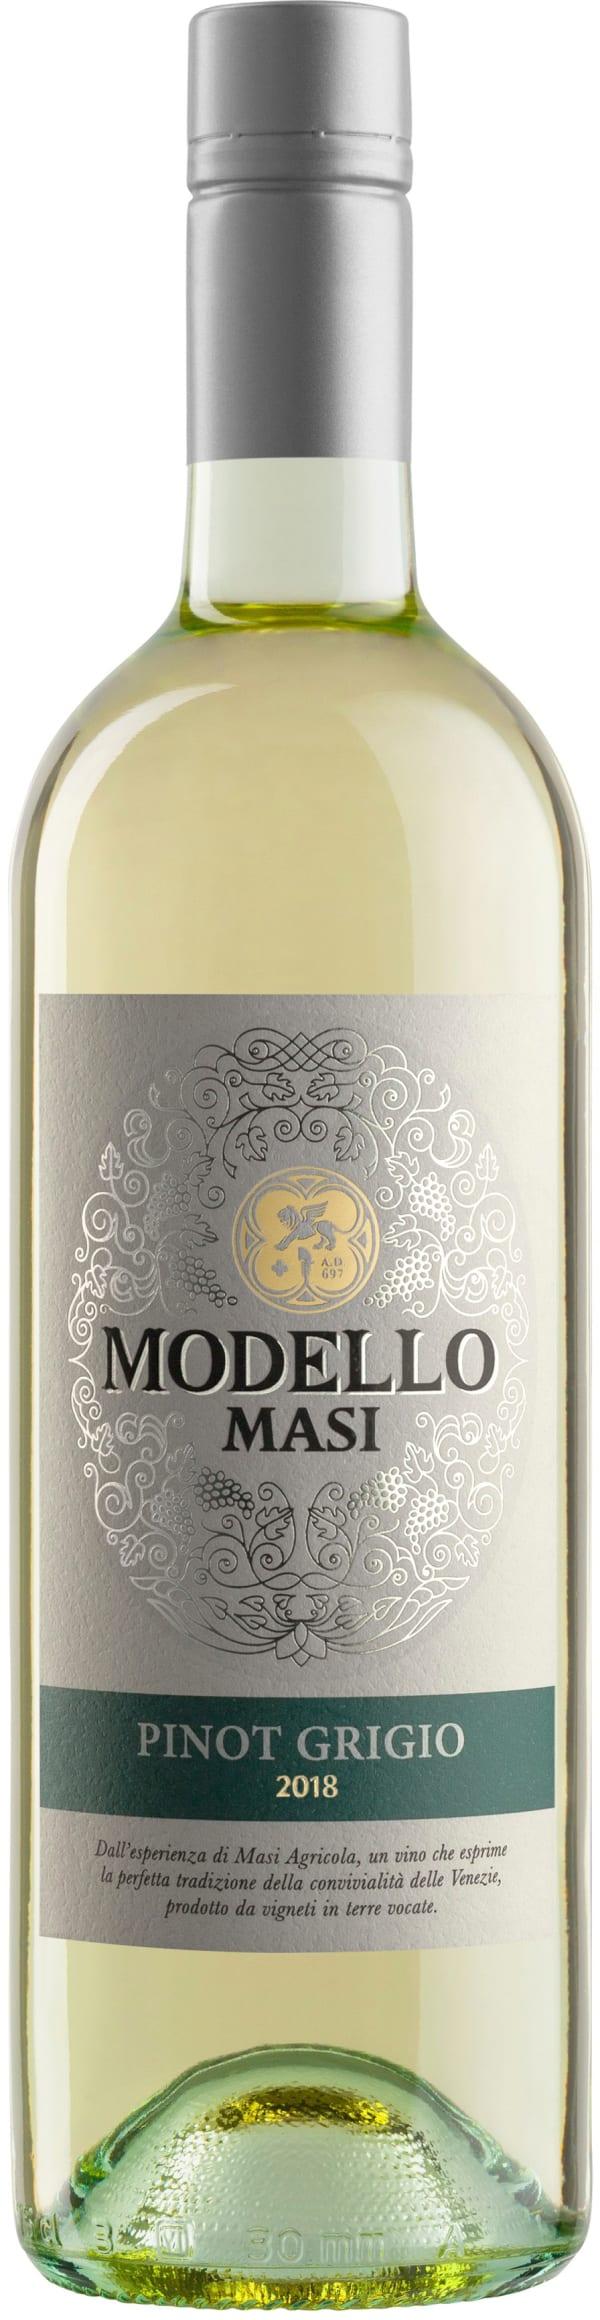 Masi Modello Pinot Grigio 2017